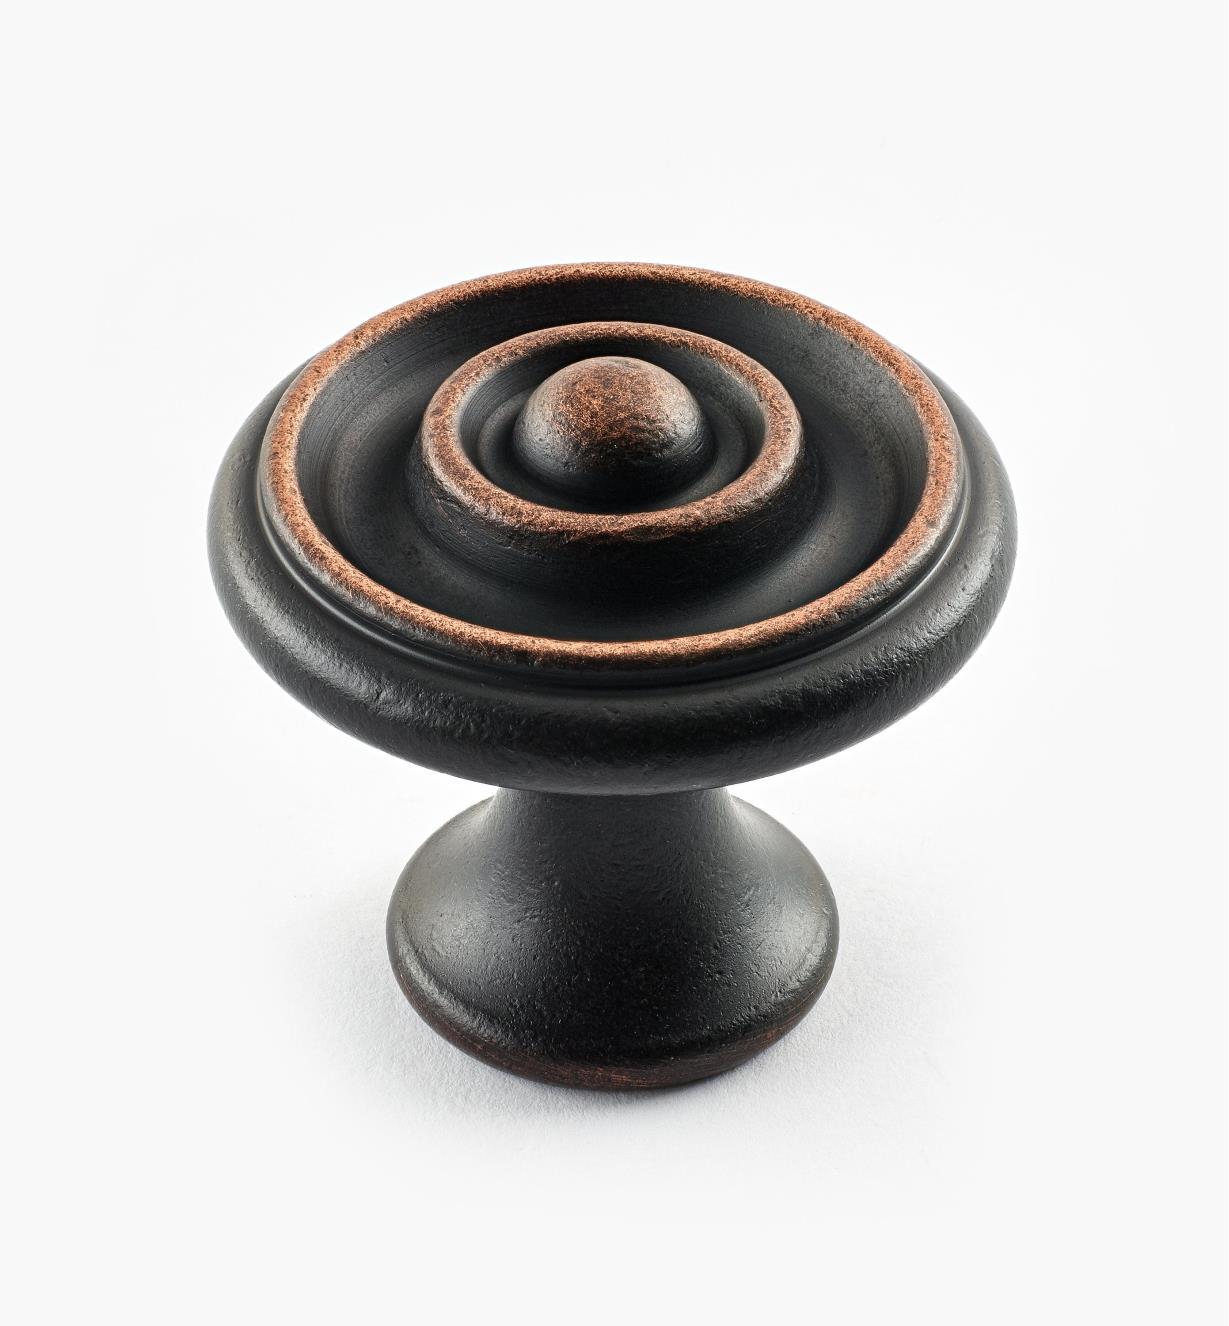 02W3262 - Bouton à bosselure centrale de 1 5/8 po x 1 1/2 po, série Vieux Bronze, laiton tourn&eacute